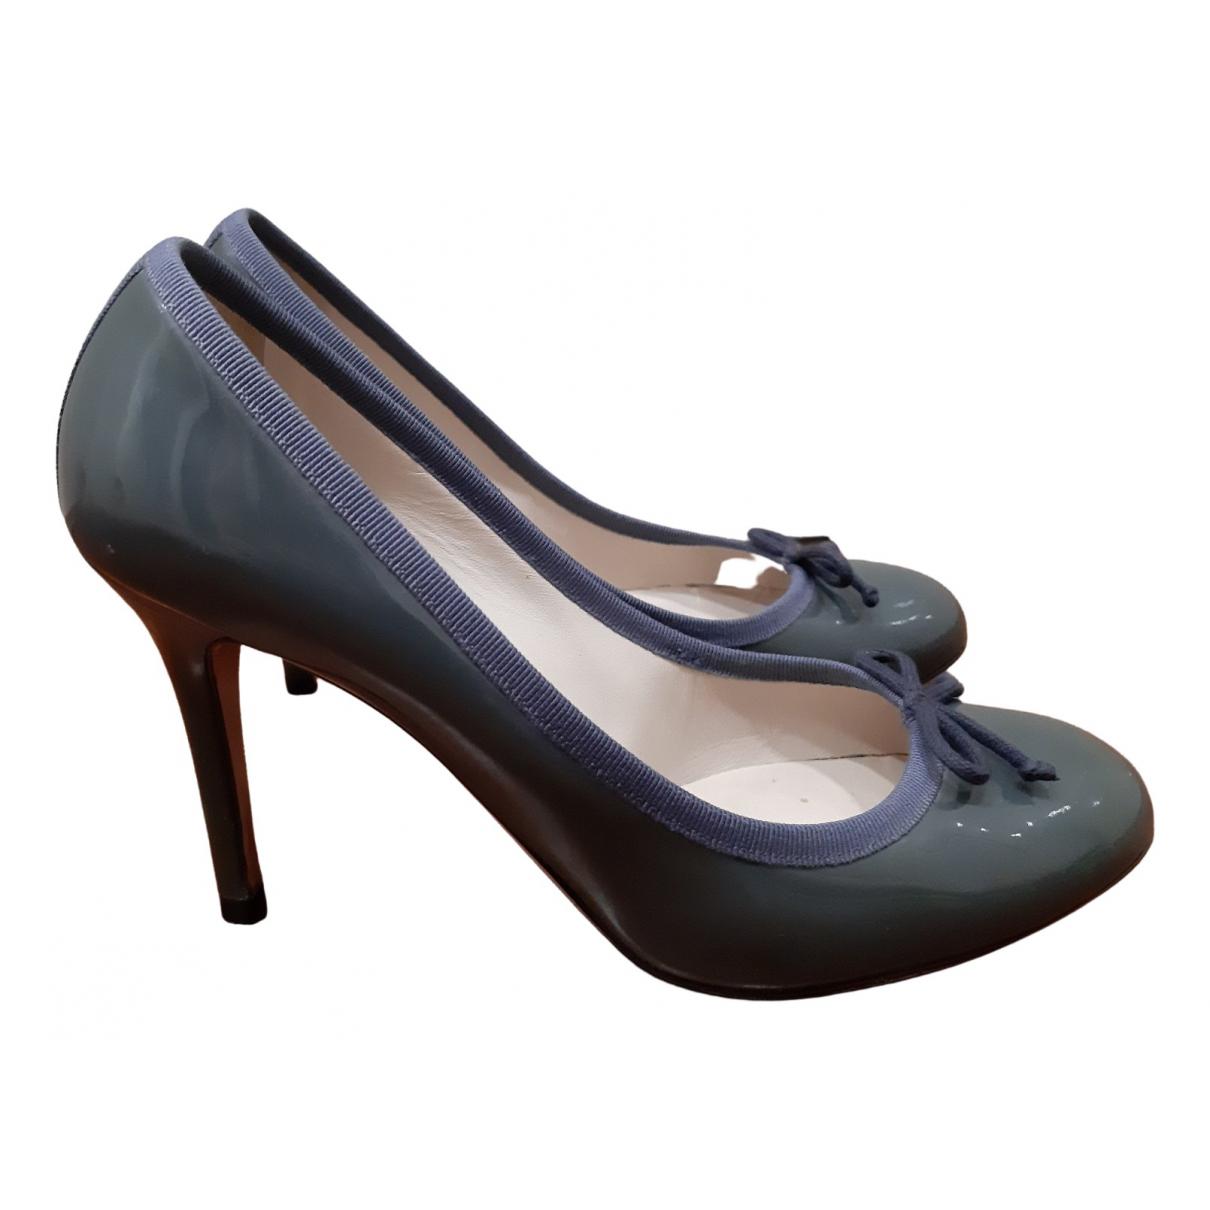 D&g - Escarpins   pour femme en cuir verni - bleu